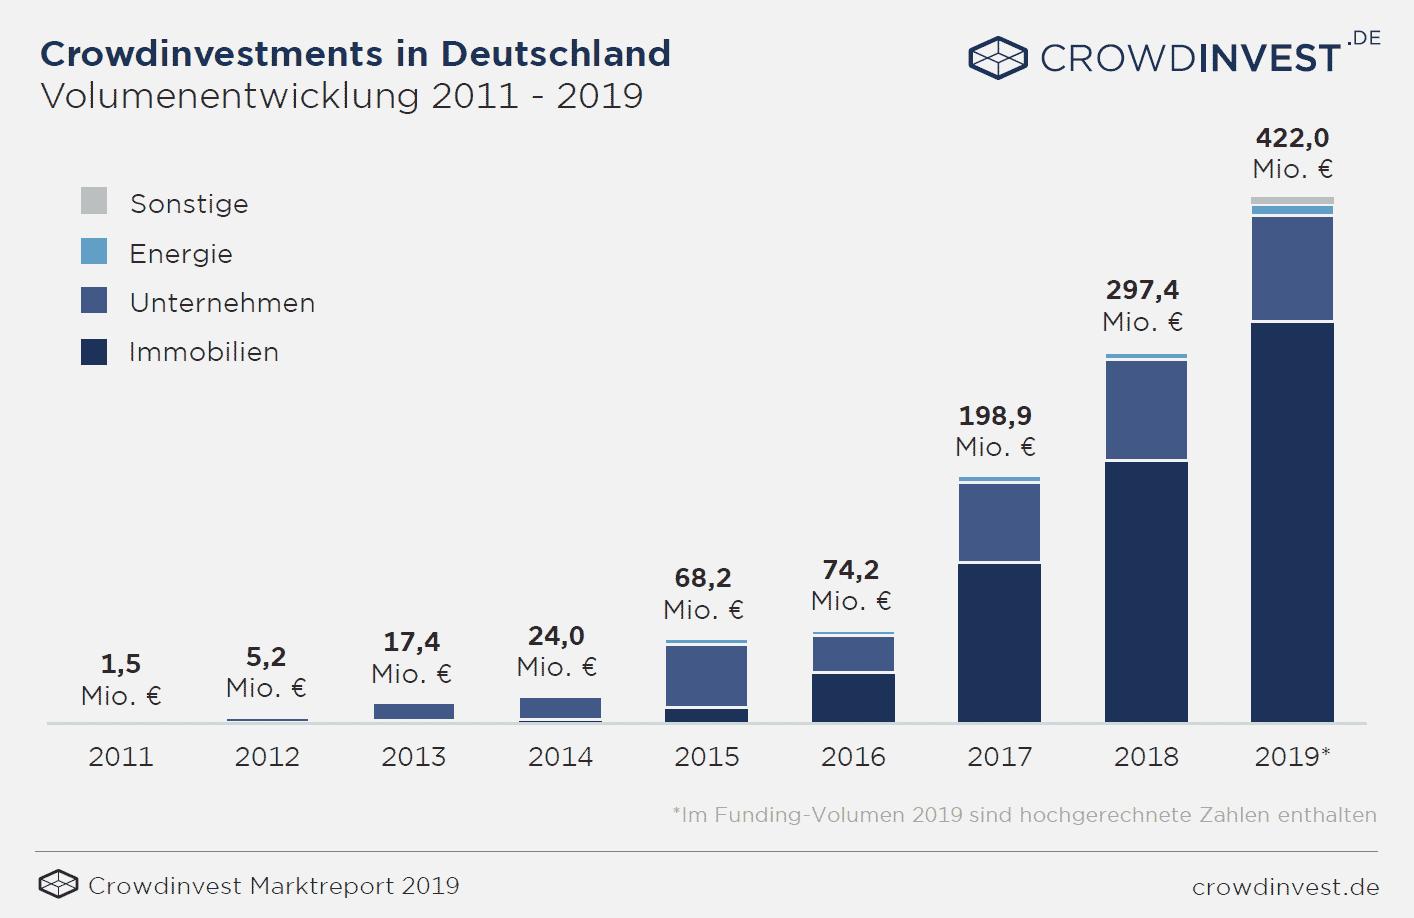 Crowdinvest Entwicklung Deutschland bis 2019 - crowdinvest.de